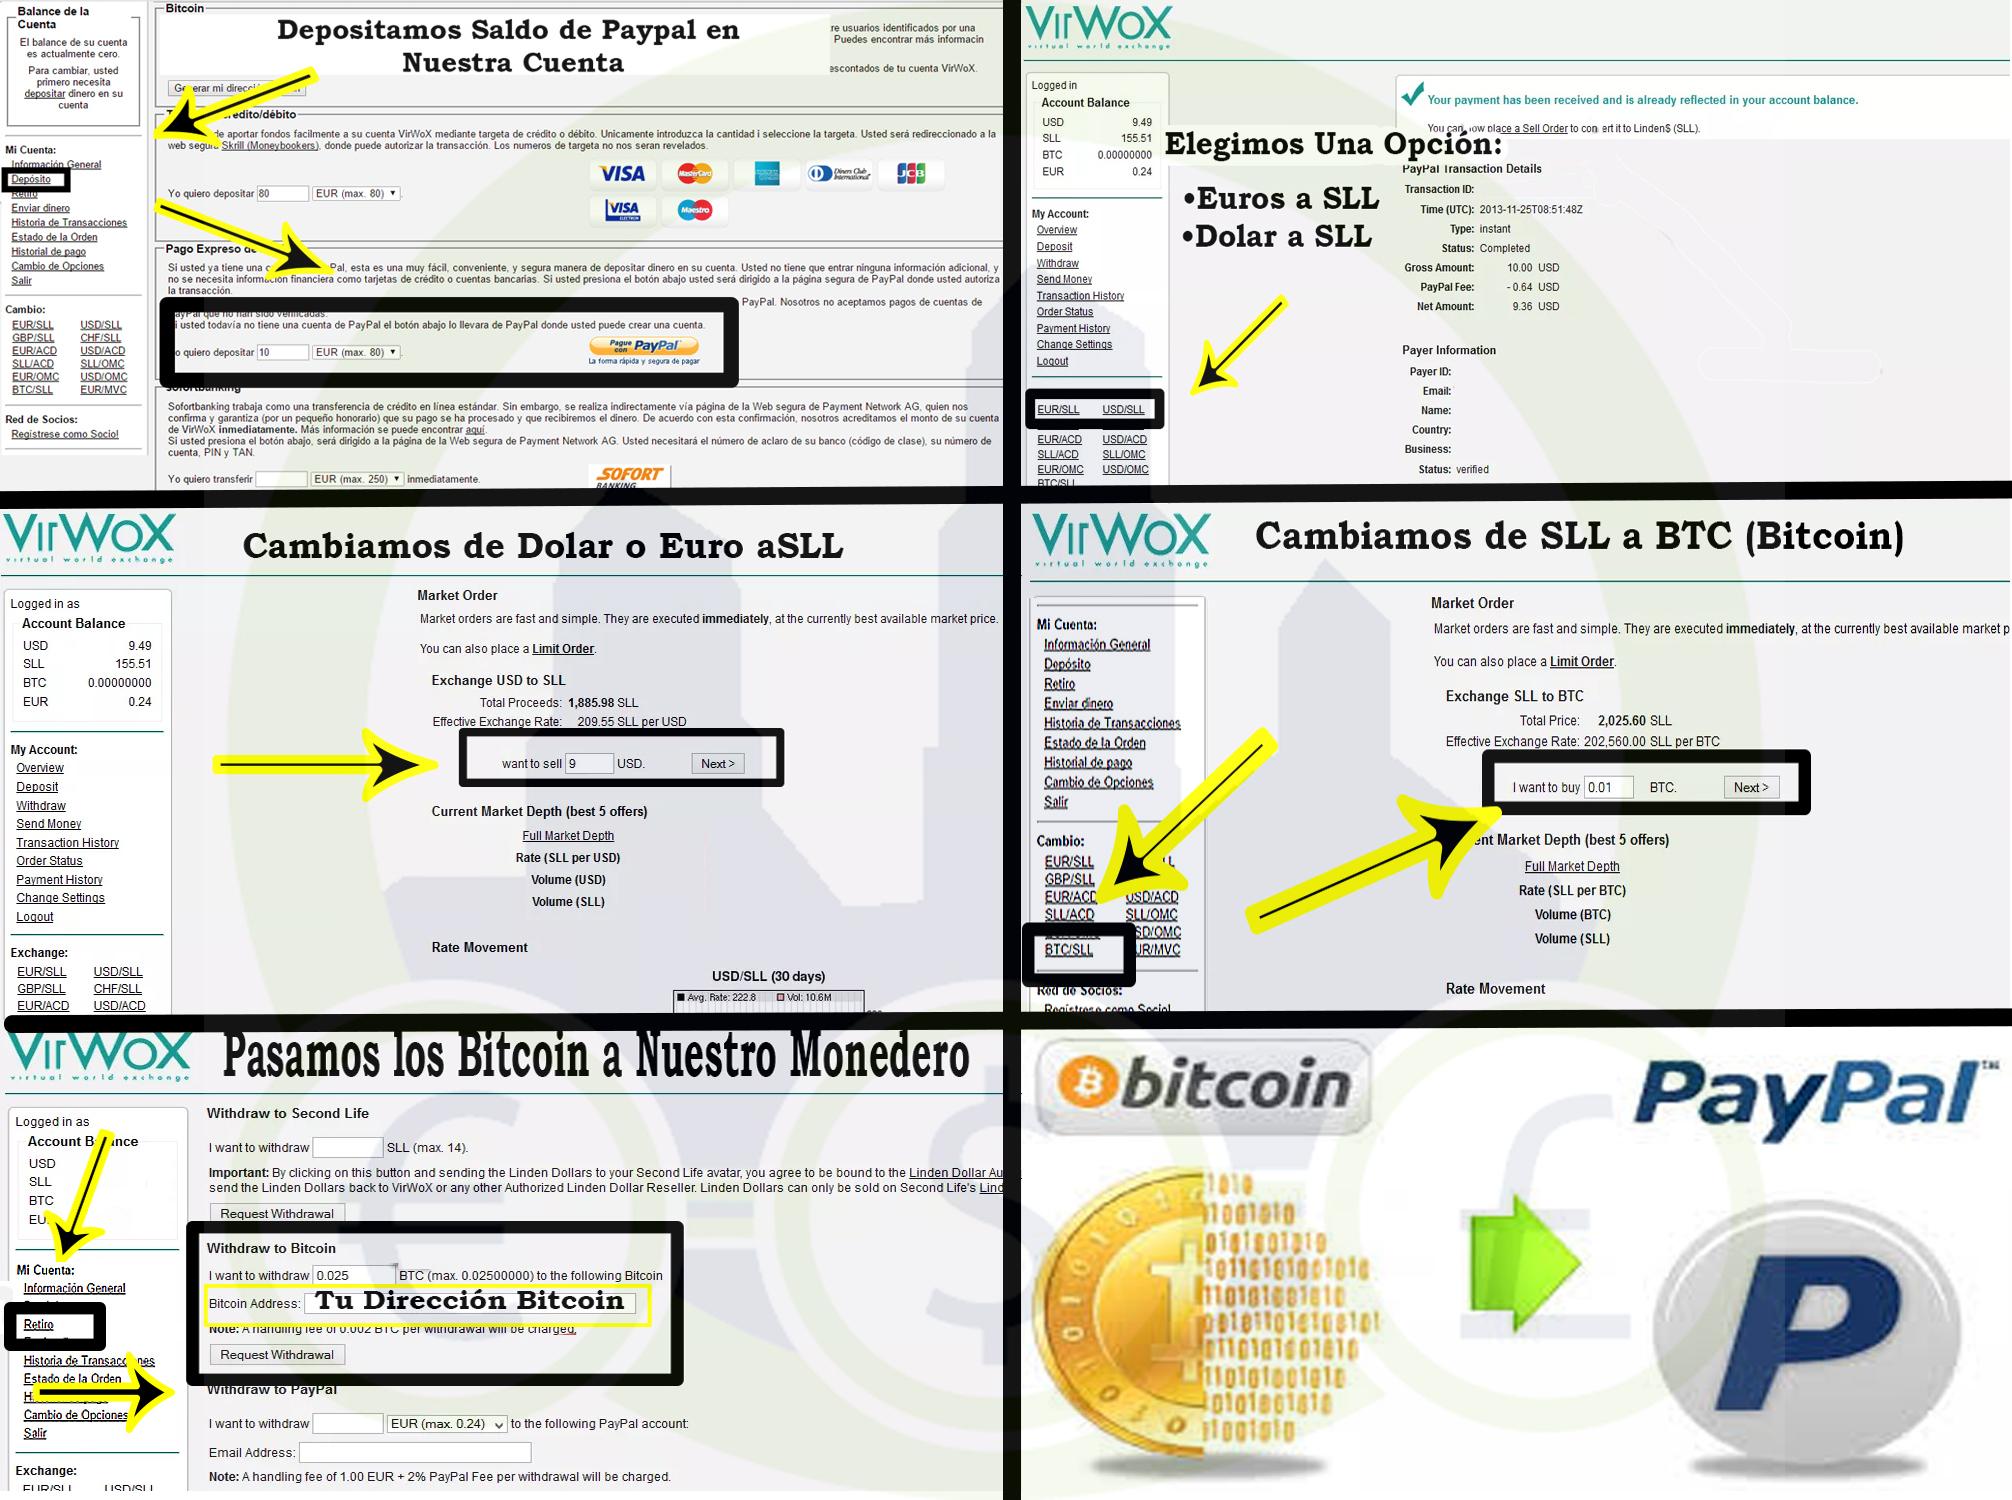 Como comprar Bitcoins con Paypal